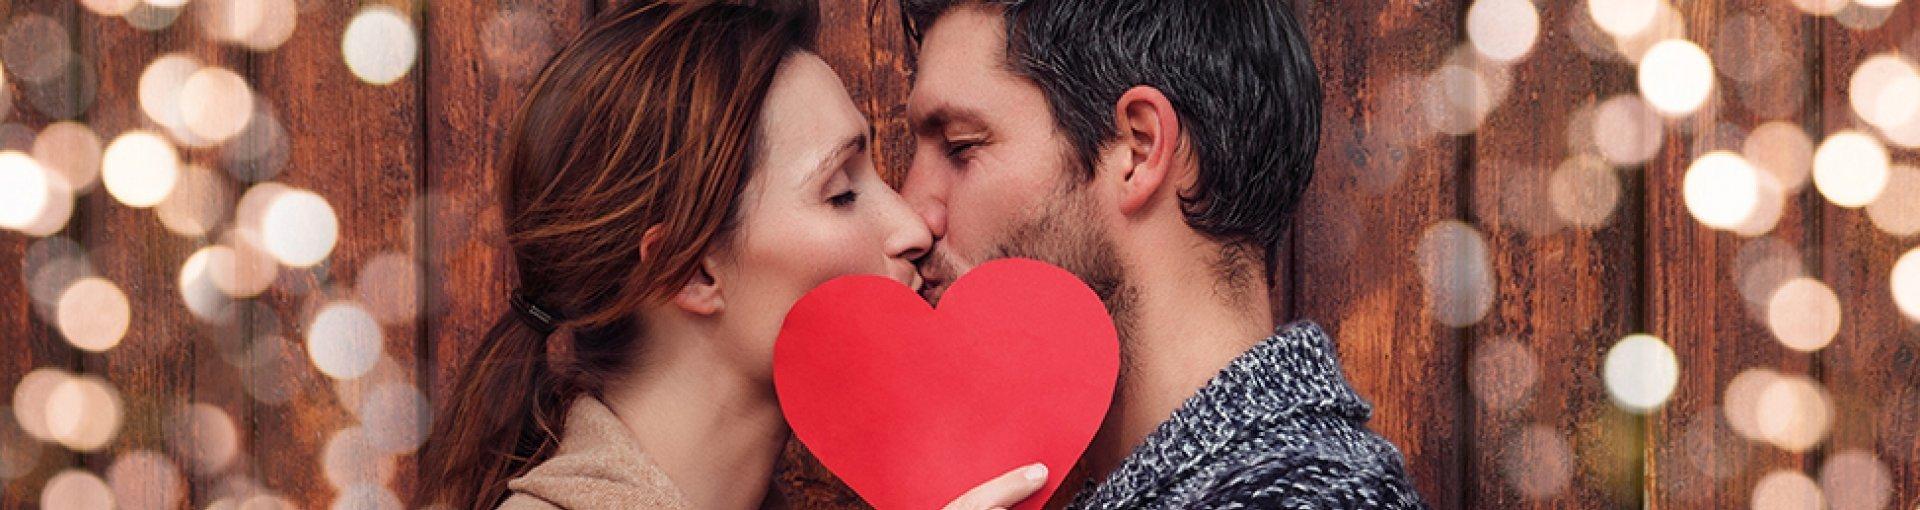 Romantyczny Wieczór Walentynkowy